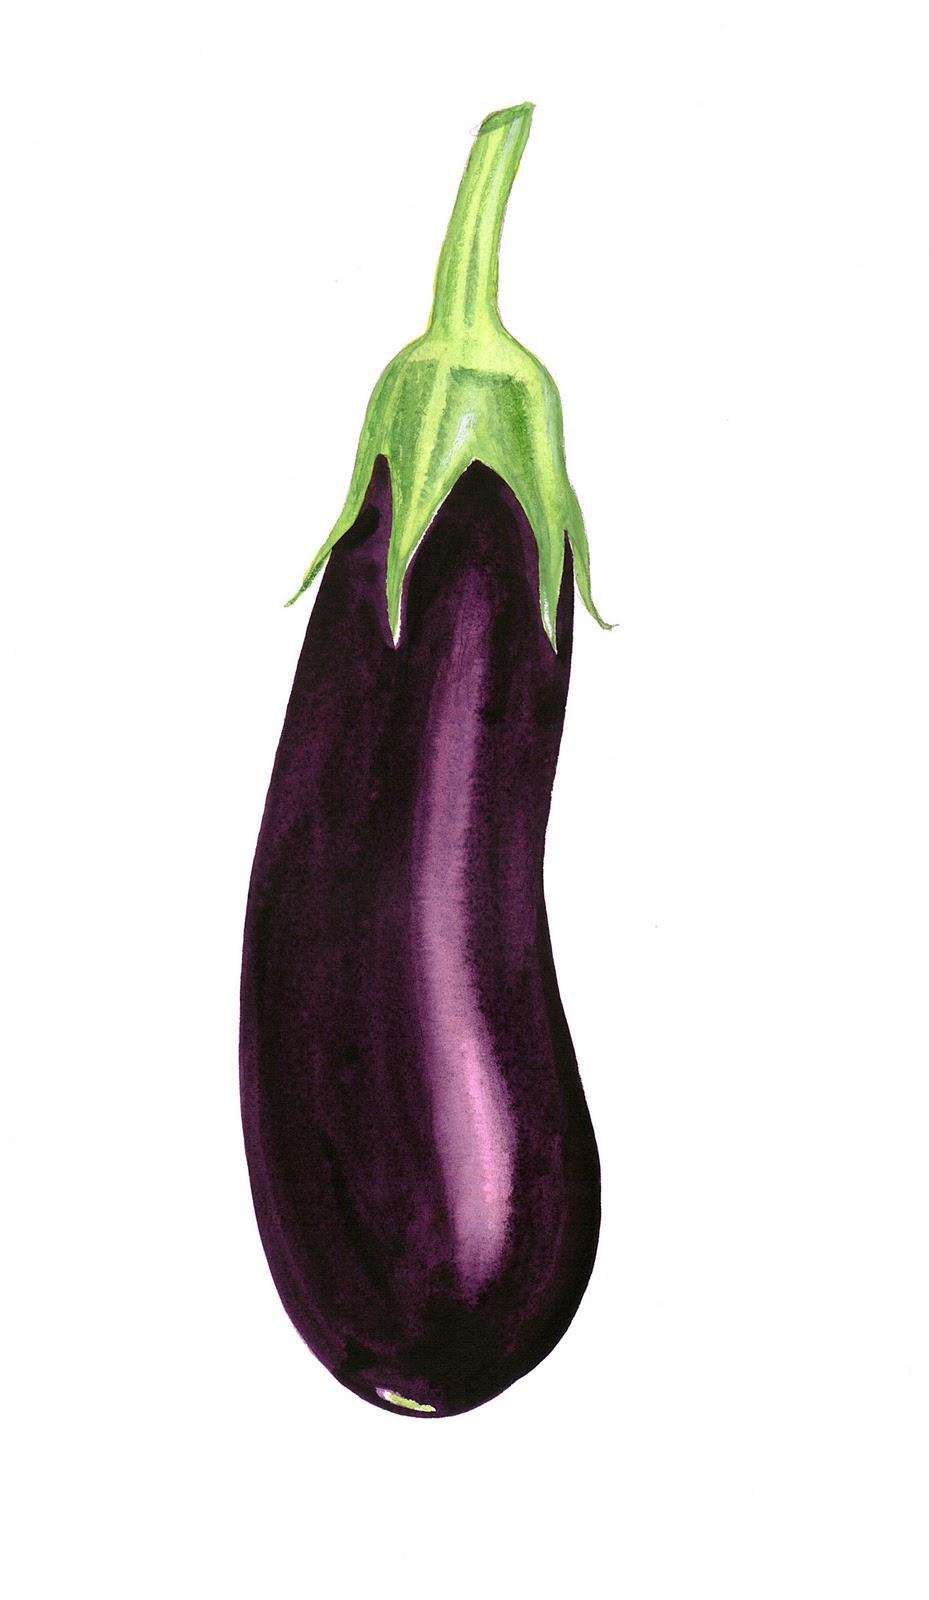 Aubergine Dessin dessins en couleurs à imprimer : aubergine, numéro : 692886